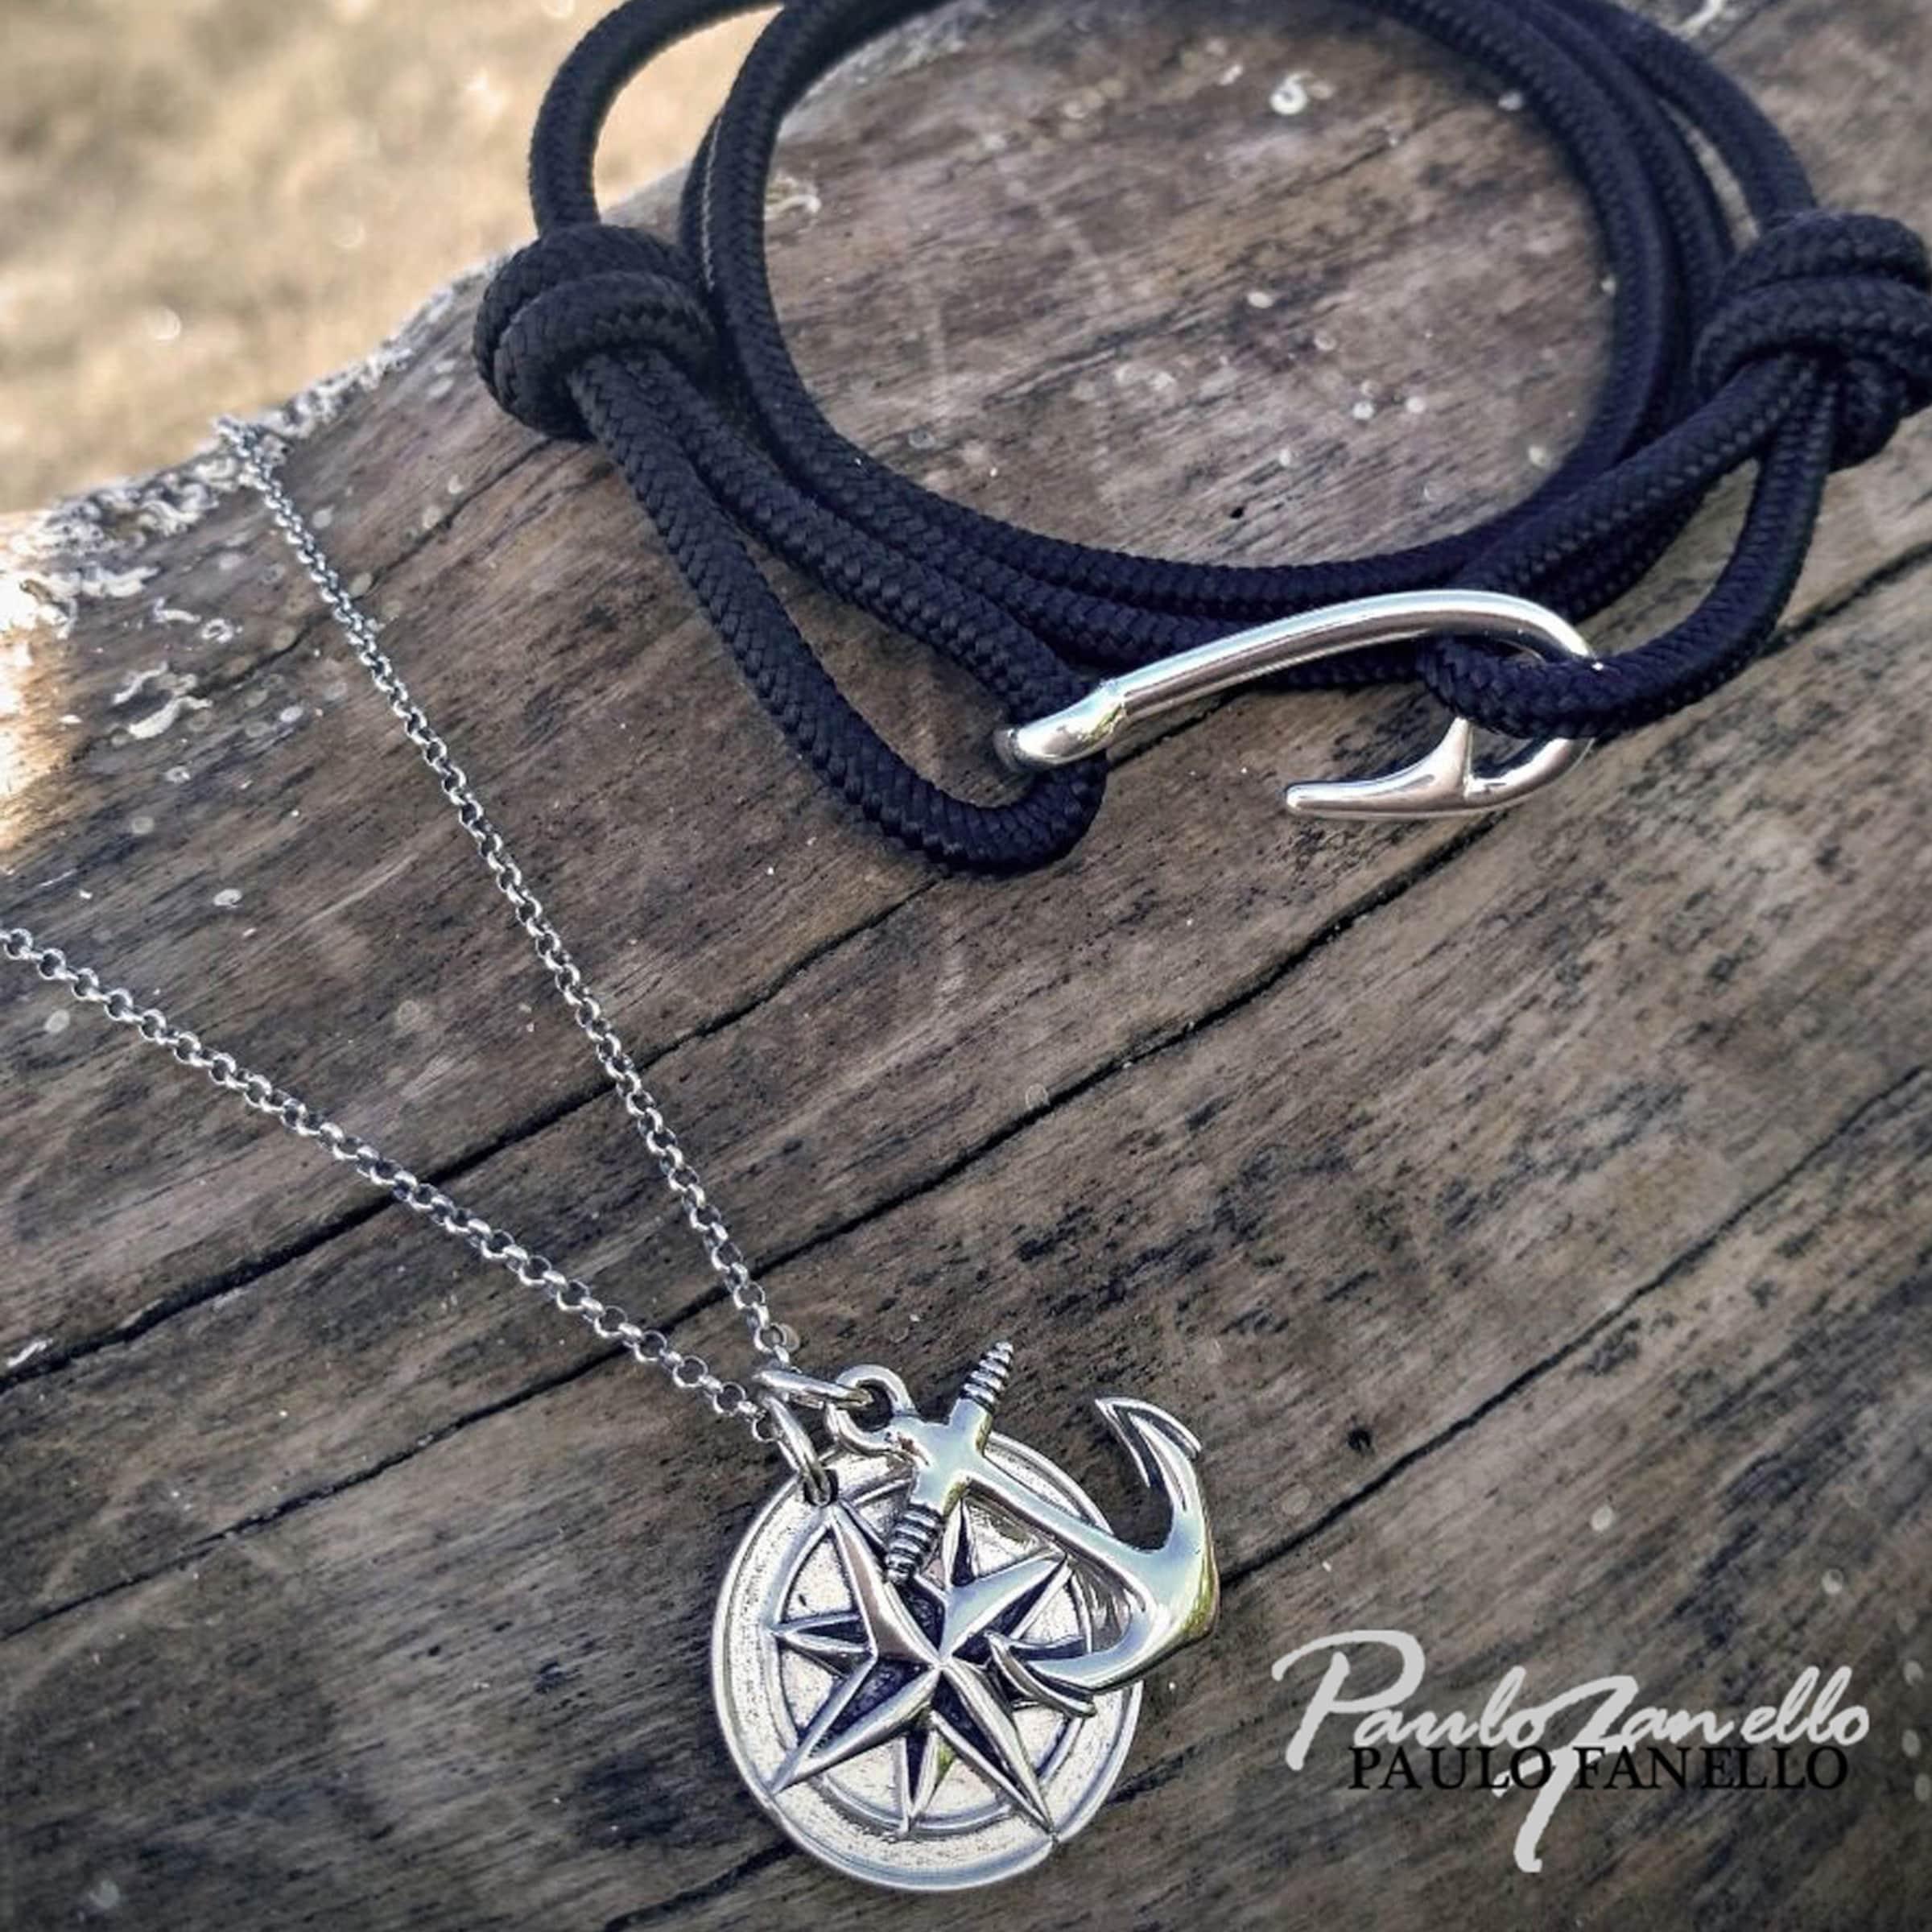 In Fanello Paulo Silber Paulo Fanello Halskette Halskette In Fanello Halskette Paulo In Silber zGqULSMVp